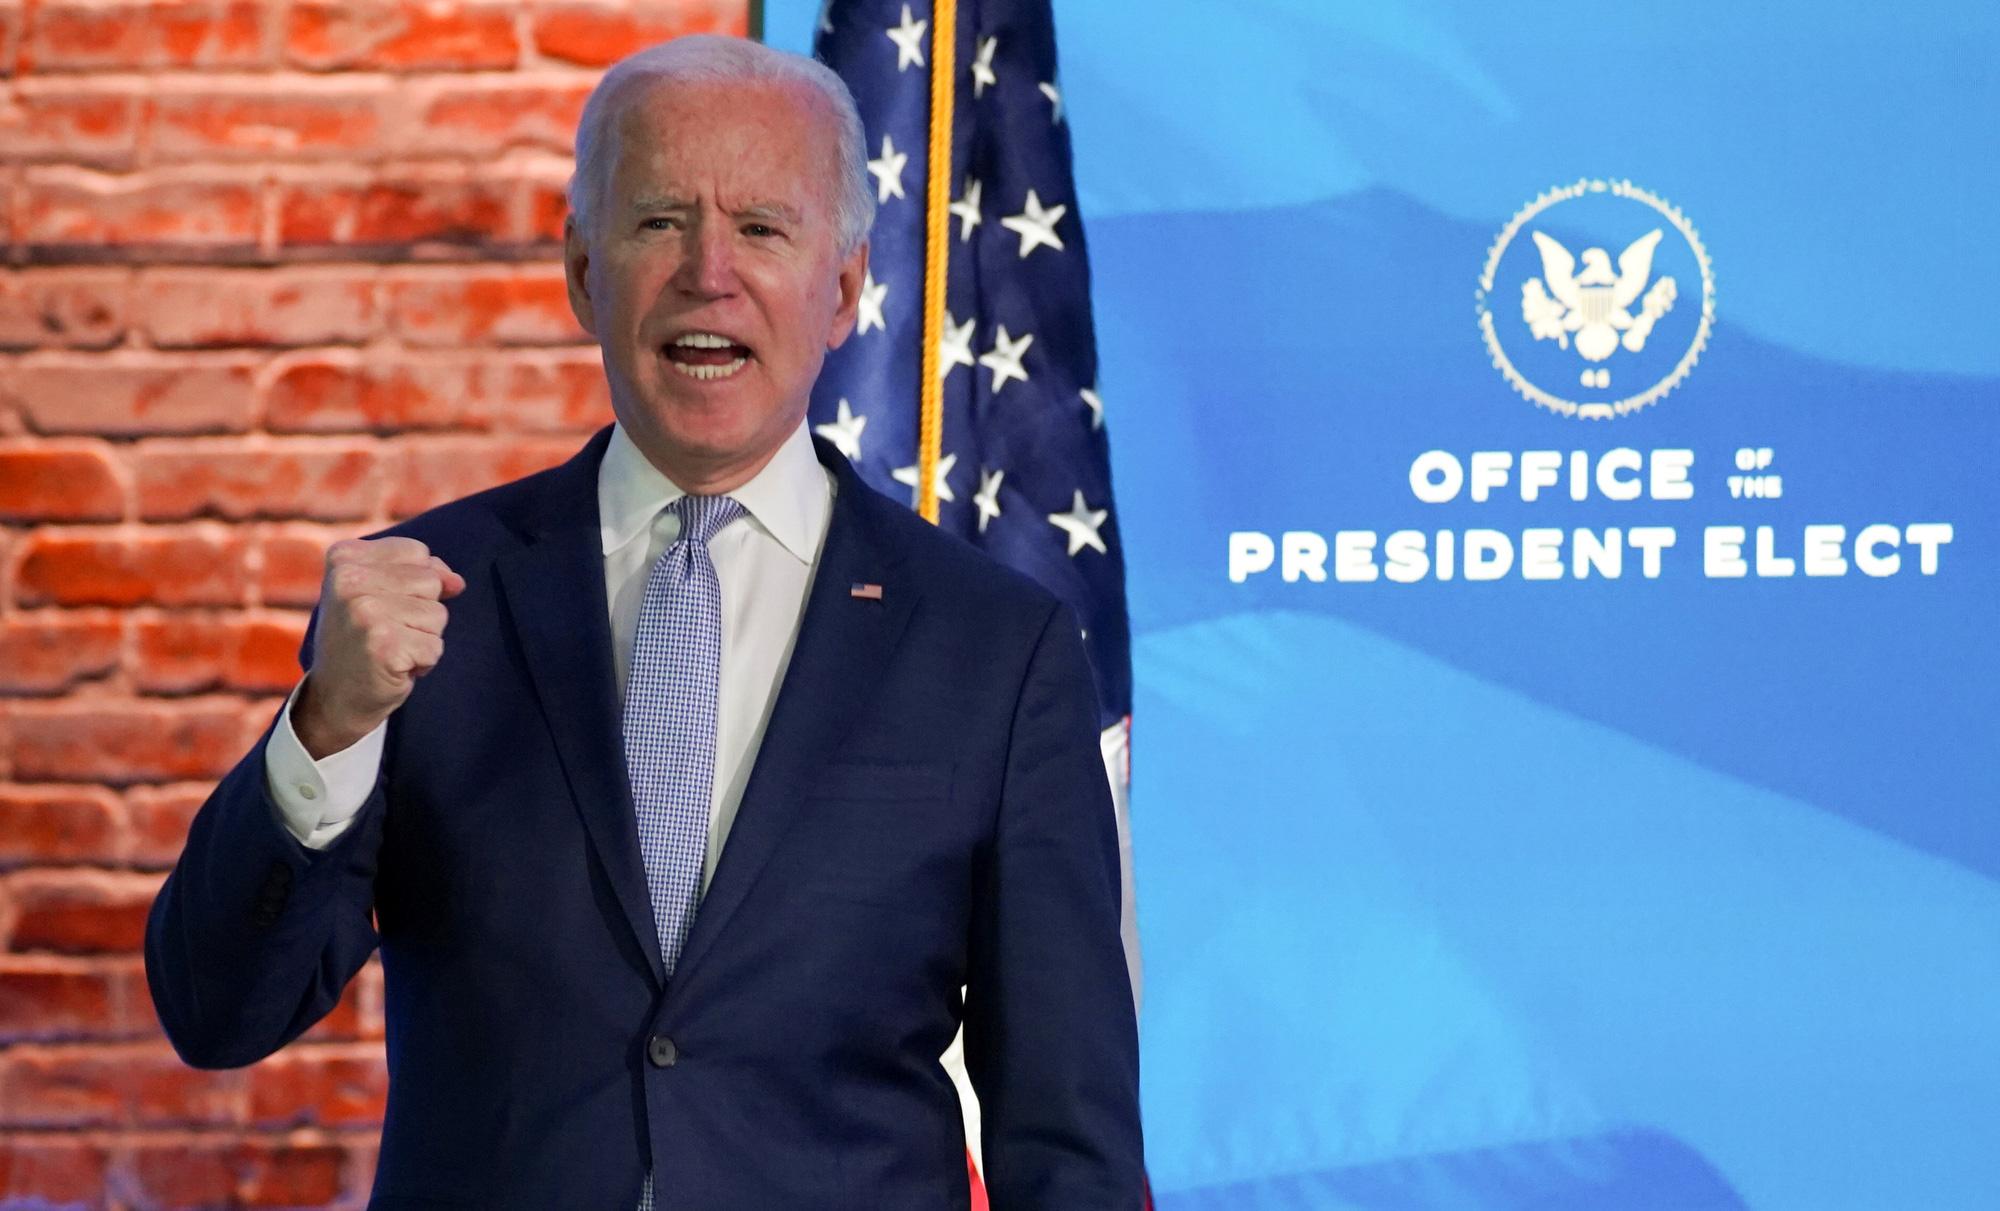 کنگره ایالات متحده تایید کرده است که جو بایدن به عنوان رئیس جمهور انتخاب شده است - عکس 1.